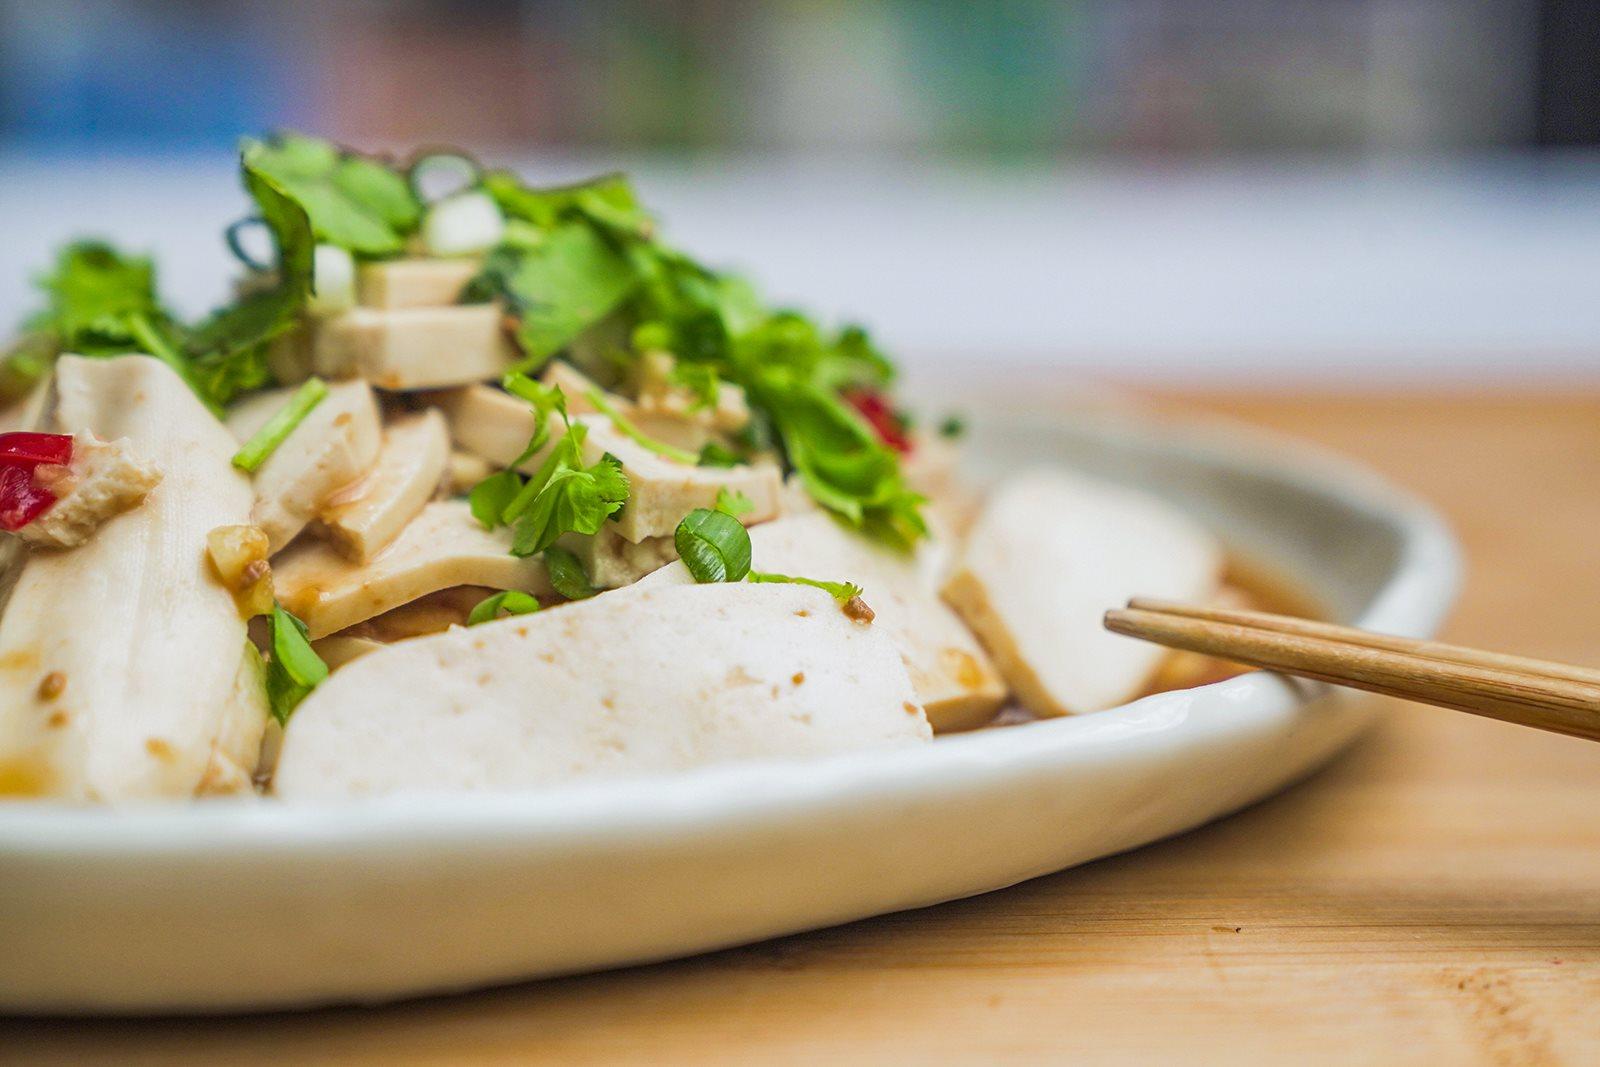 夏天爽口開胃的涼拌小菜怎麼做,禾乃川國產豆製所教你鹽滷豆干入菜